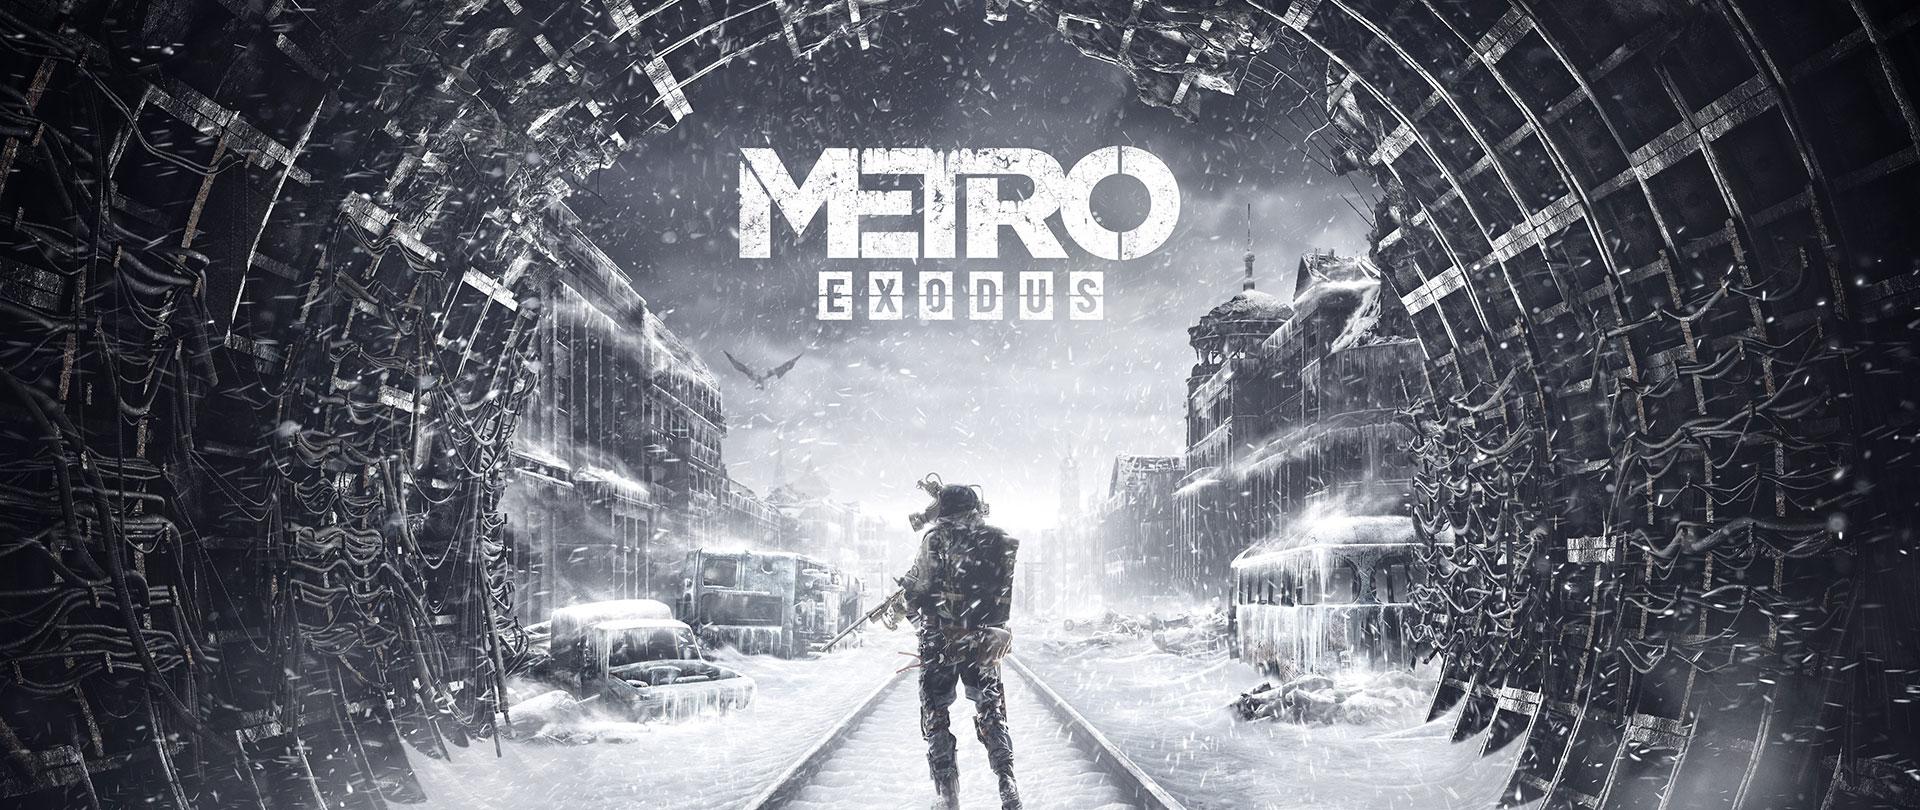 Metro exodus scarica